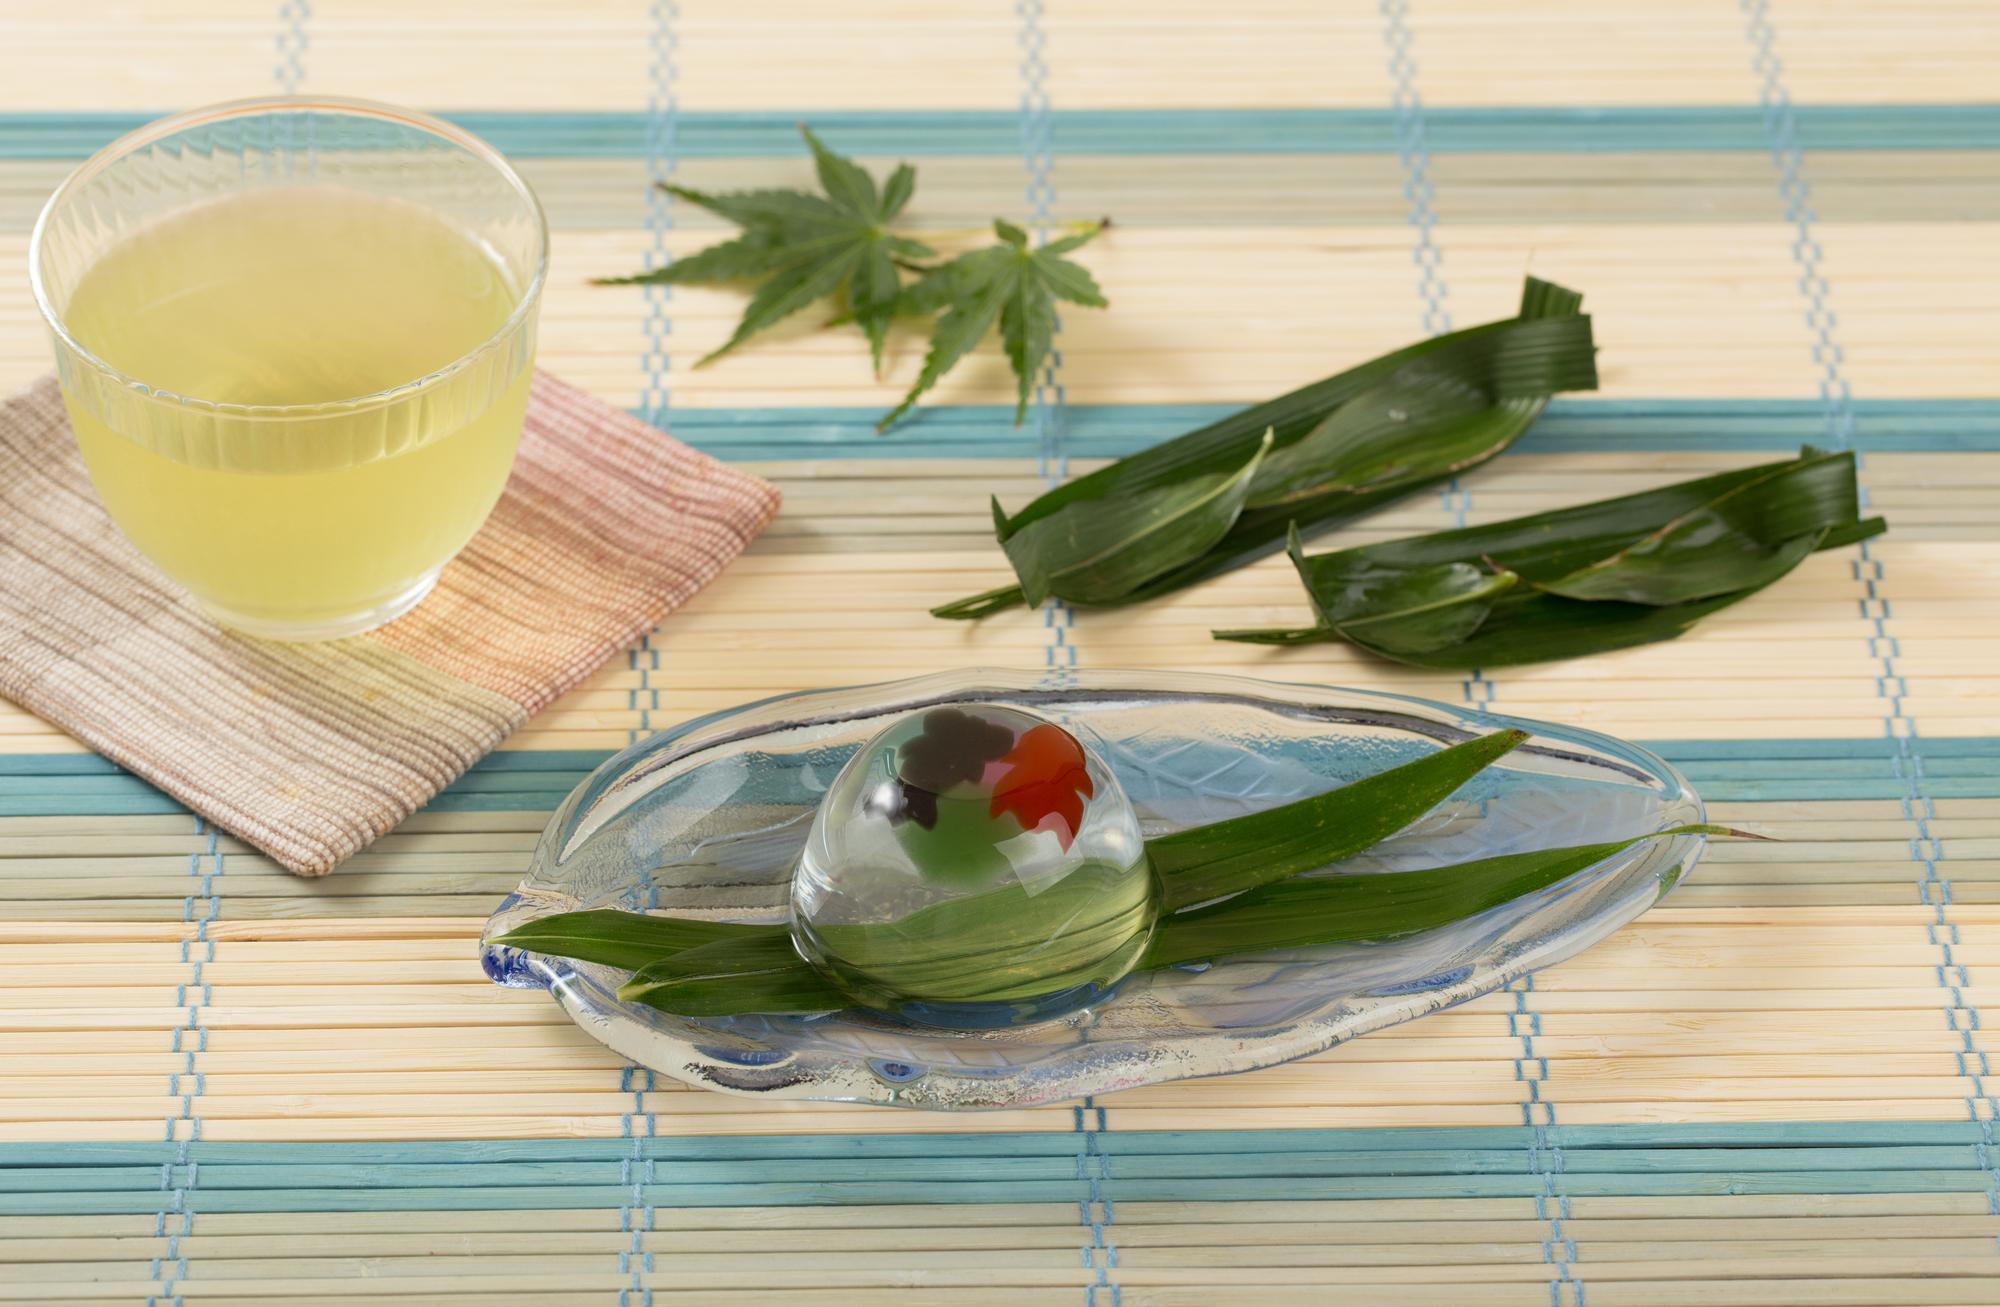 京都初夏の和菓子